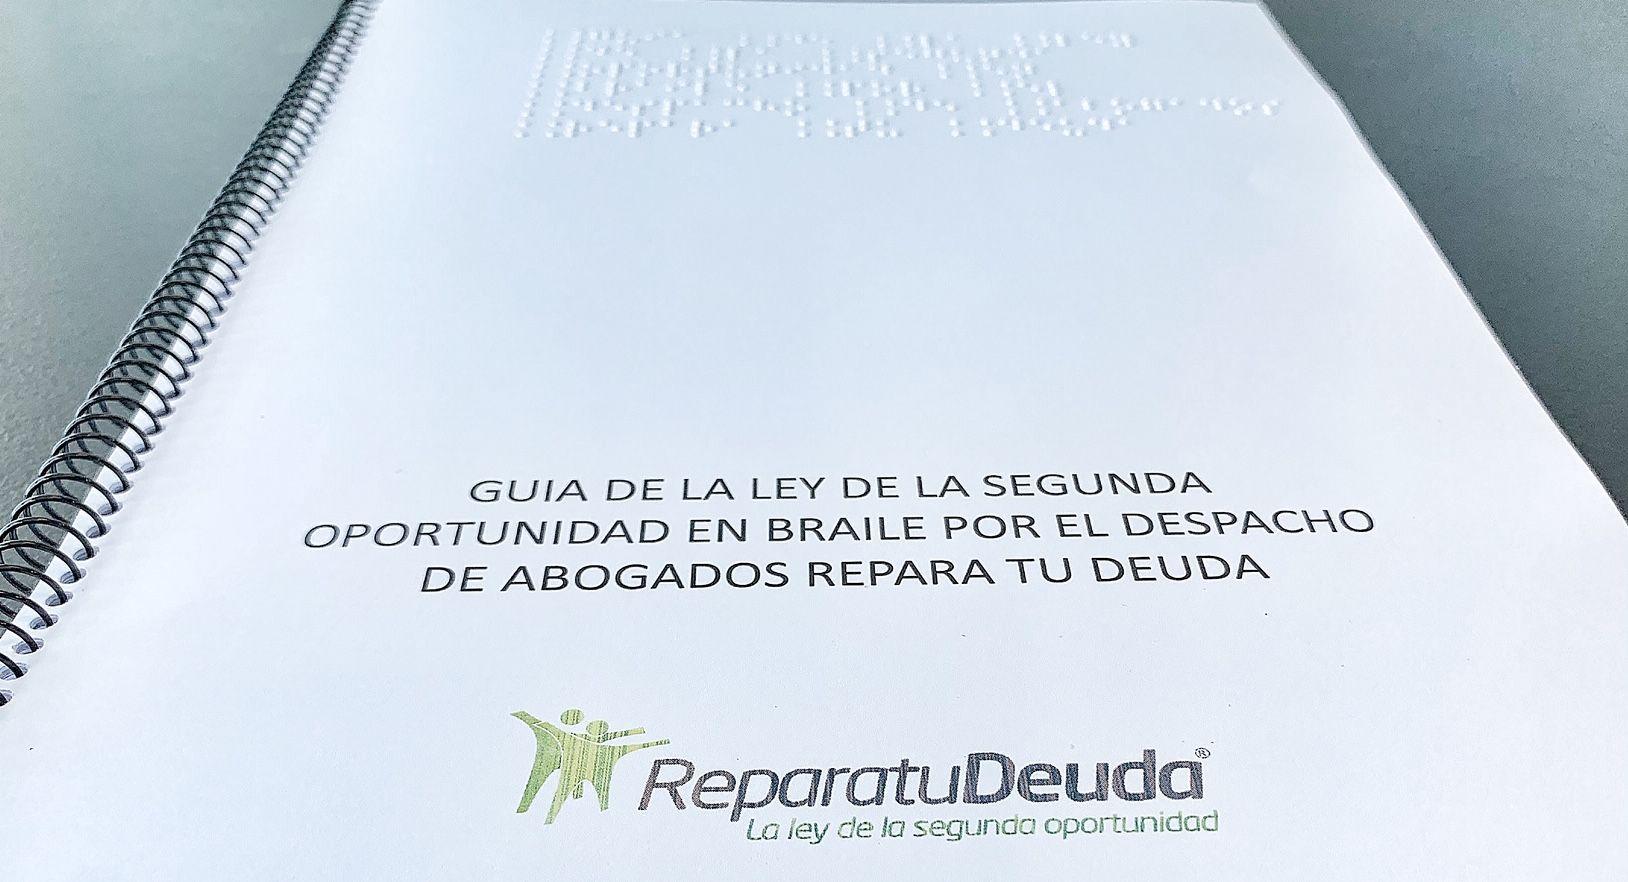 Foto de Guia de la ley de la segunda oportunidad en Braille